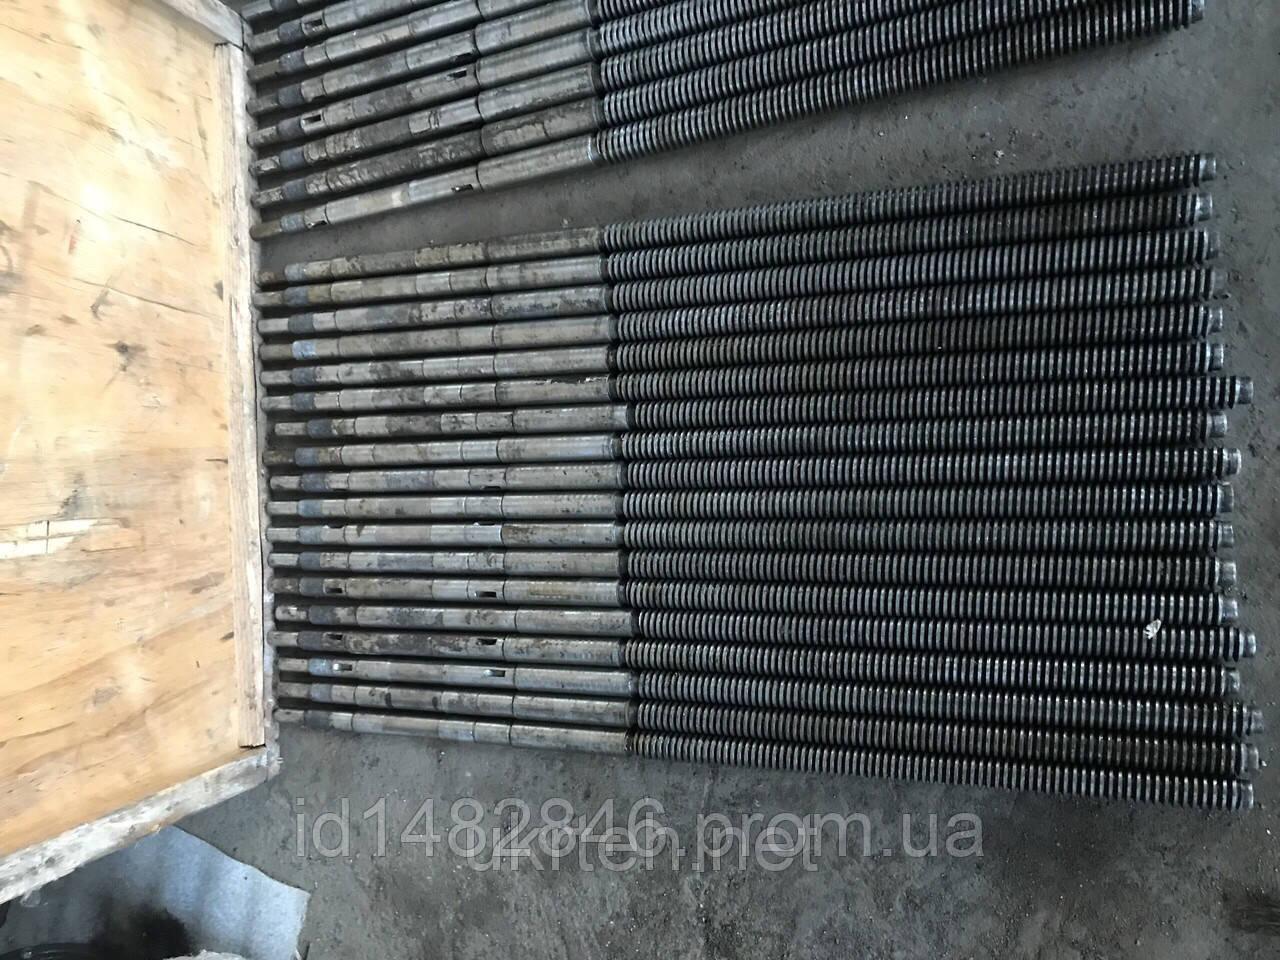 Винт поперечной подачи токарного станка 1к62 22 и 26 мм